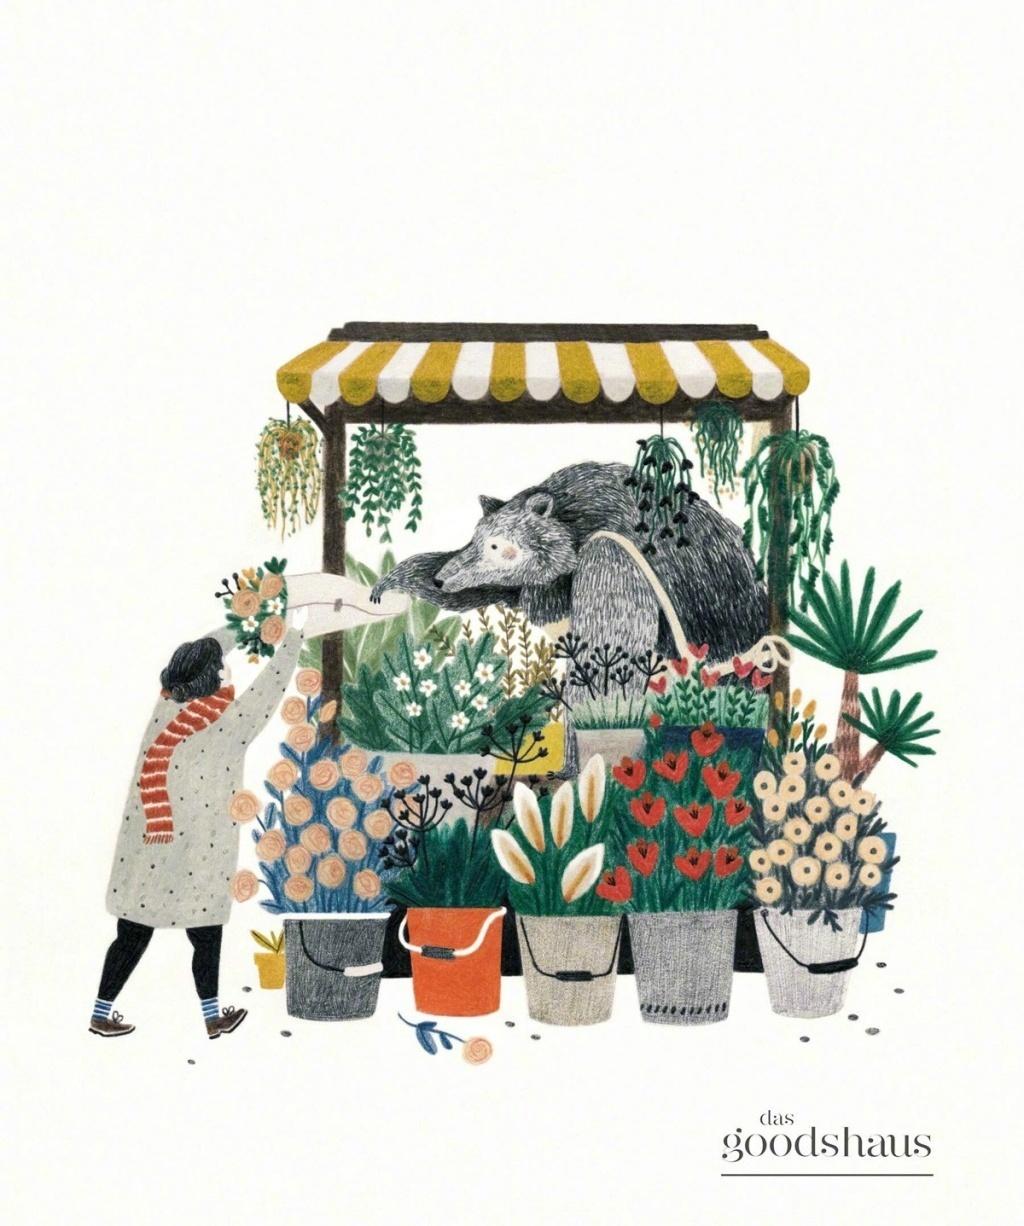 liekeland 的插画欣赏